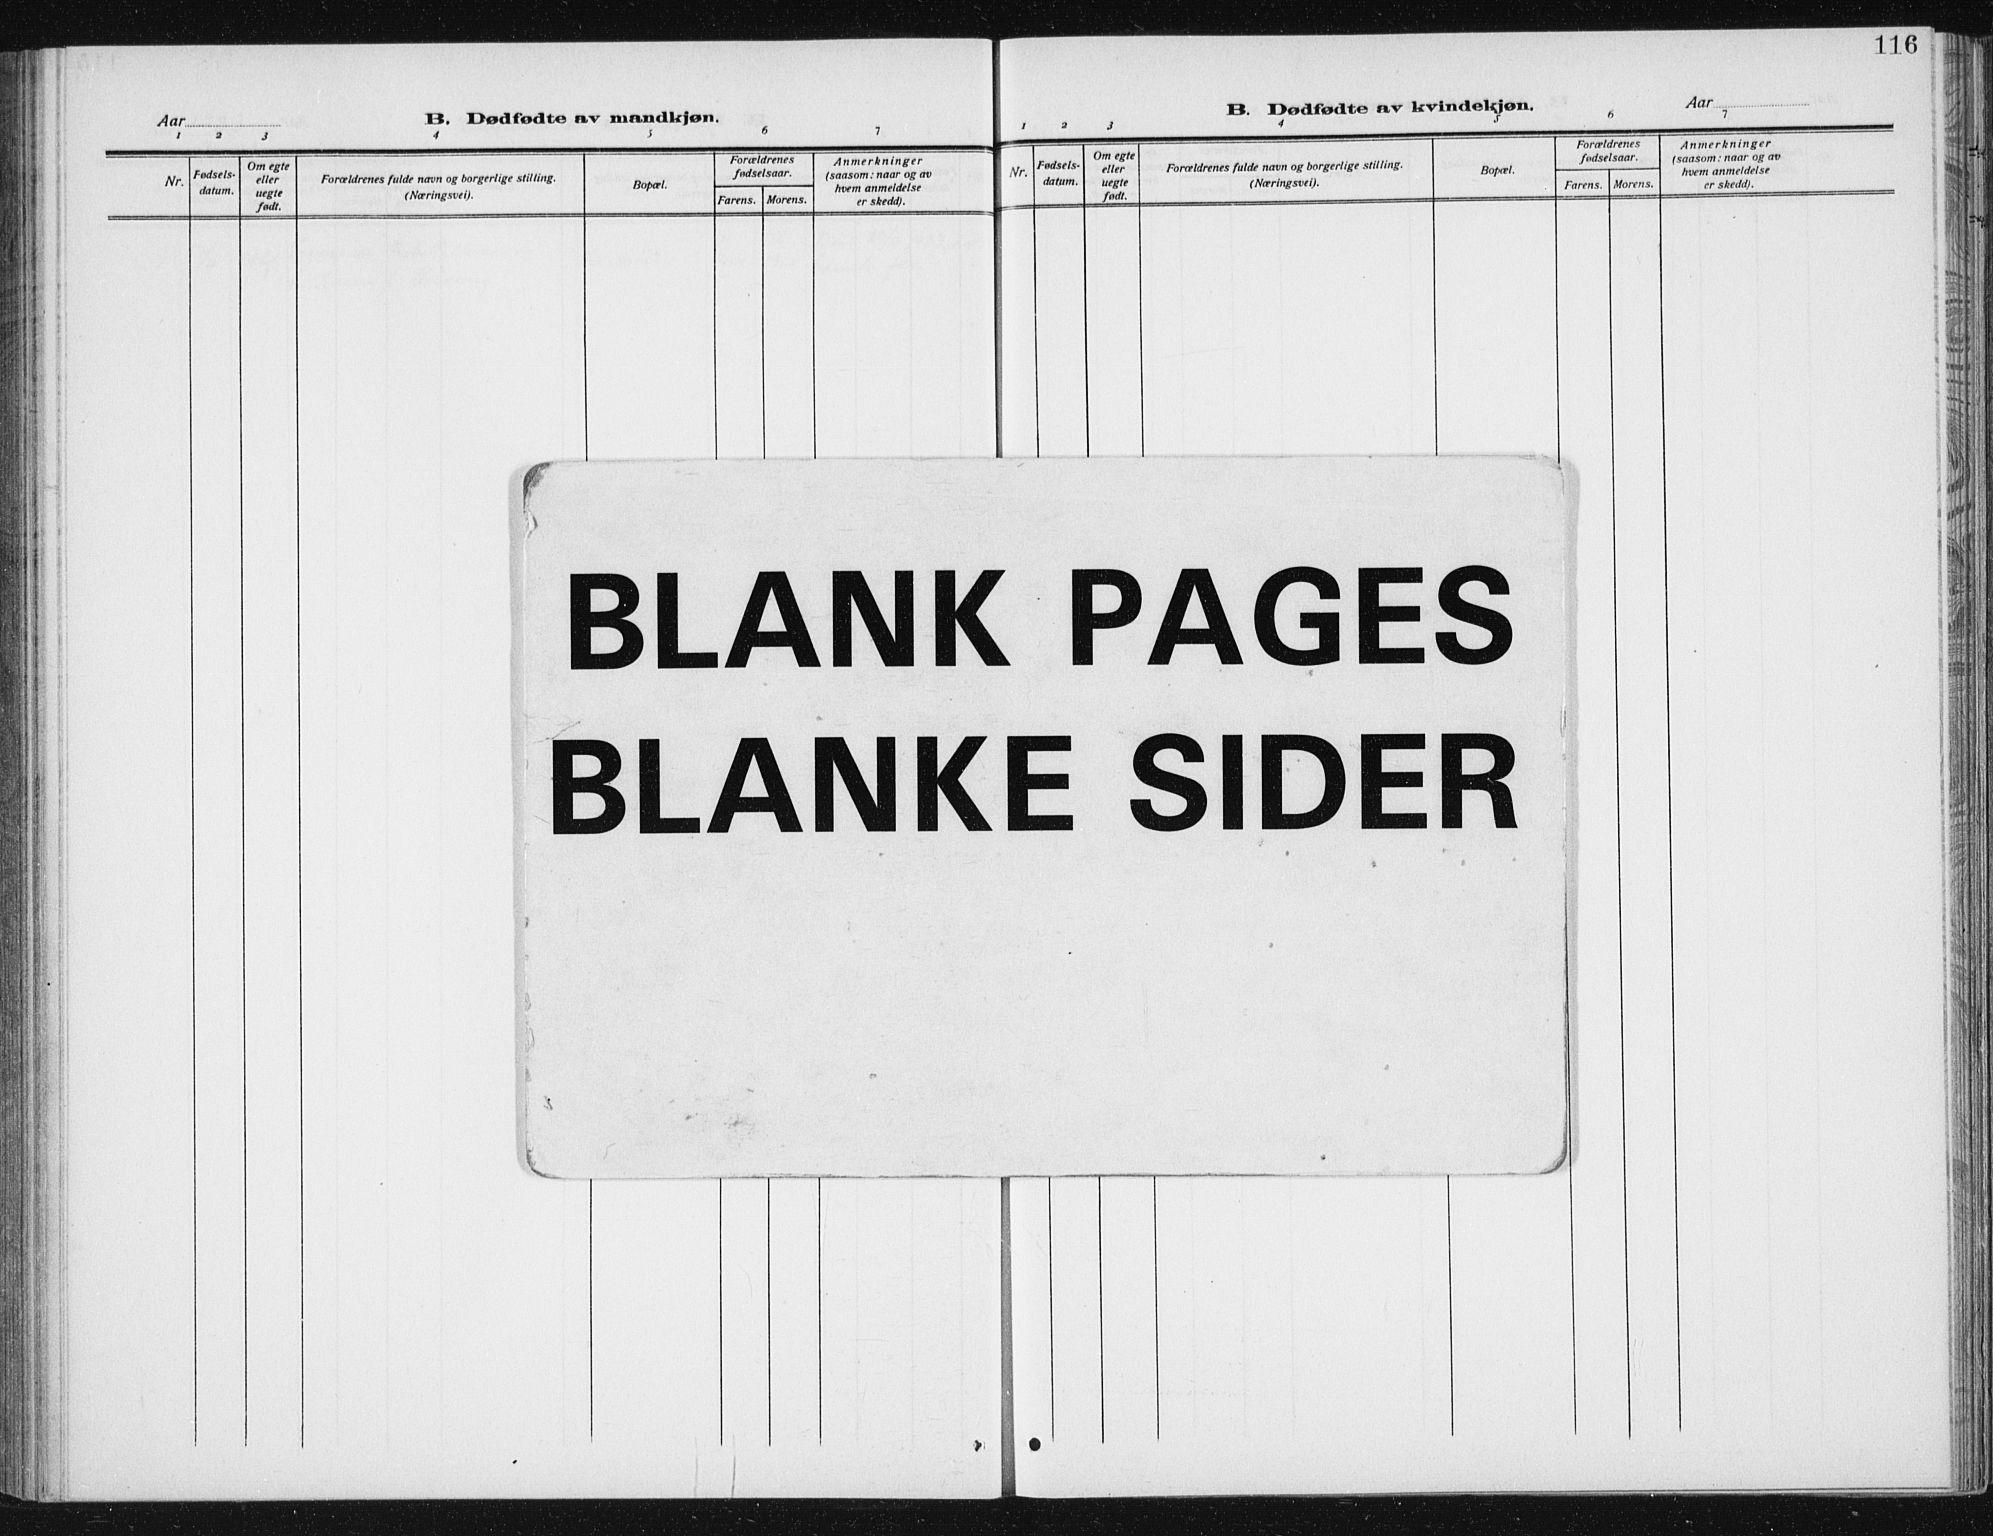 SAT, Ministerialprotokoller, klokkerbøker og fødselsregistre - Sør-Trøndelag, 617/L0431: Klokkerbok nr. 617C02, 1910-1936, s. 116